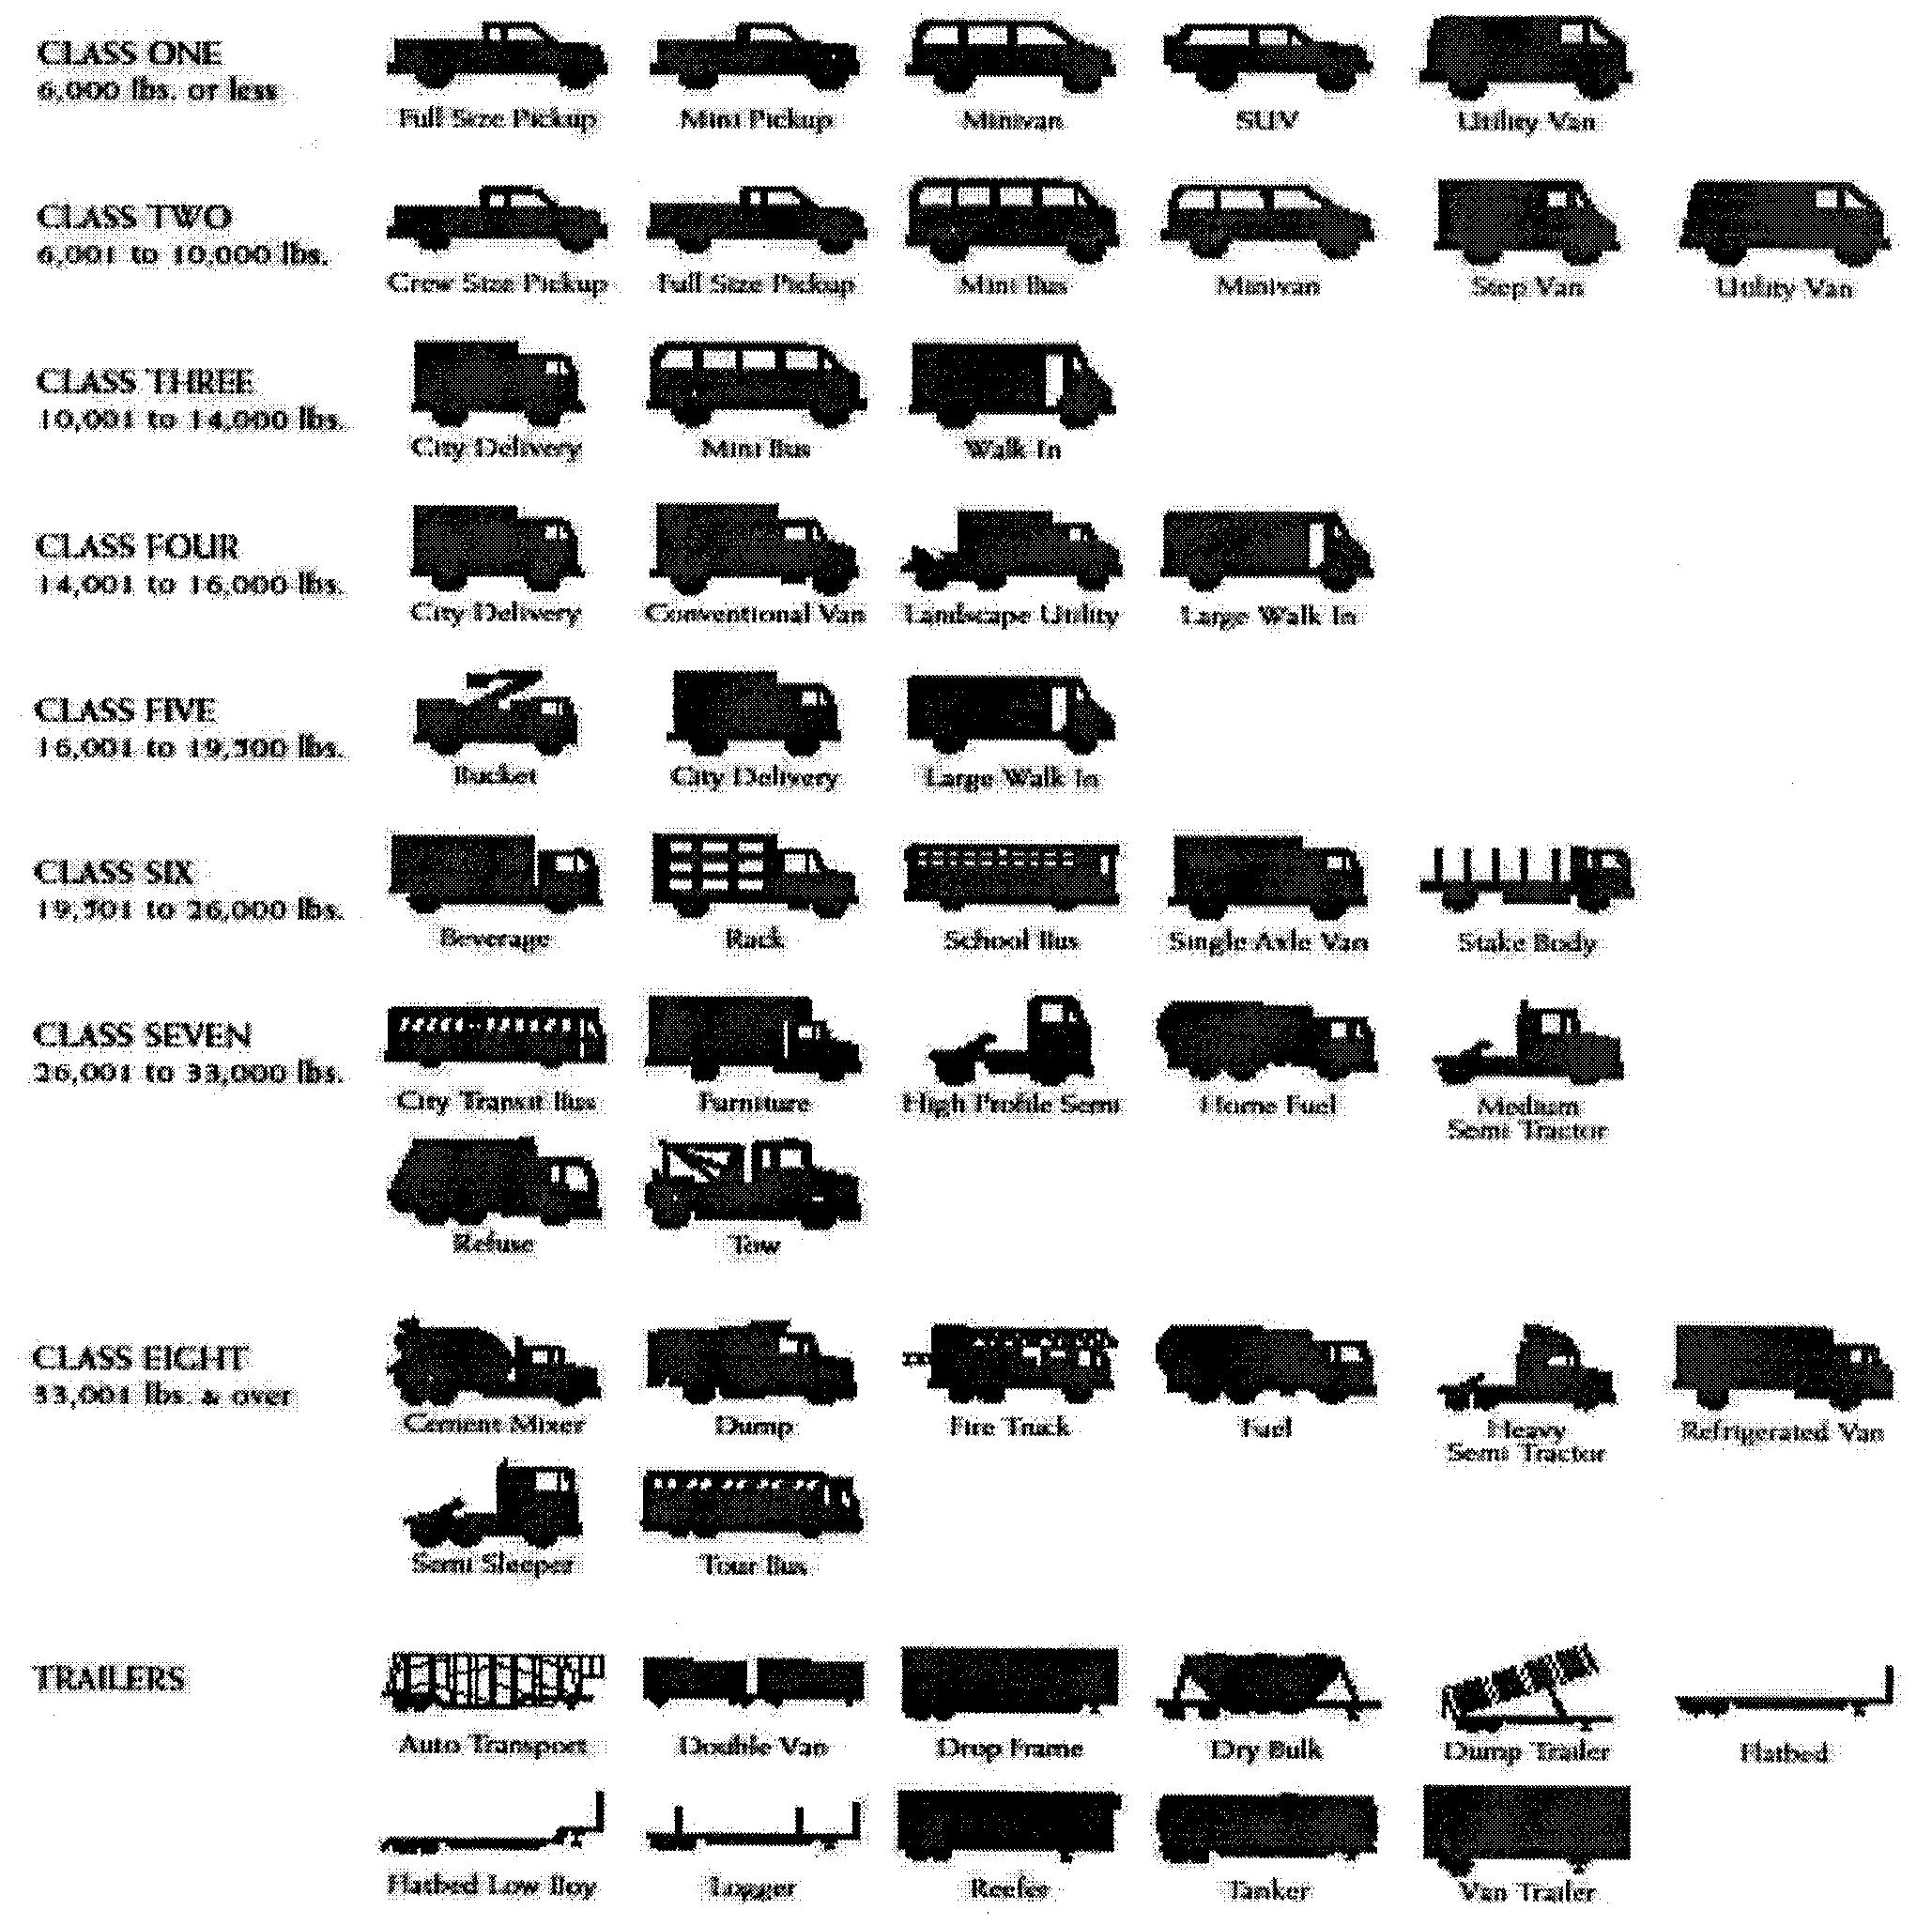 truck weight class chart - Olala.propx.co